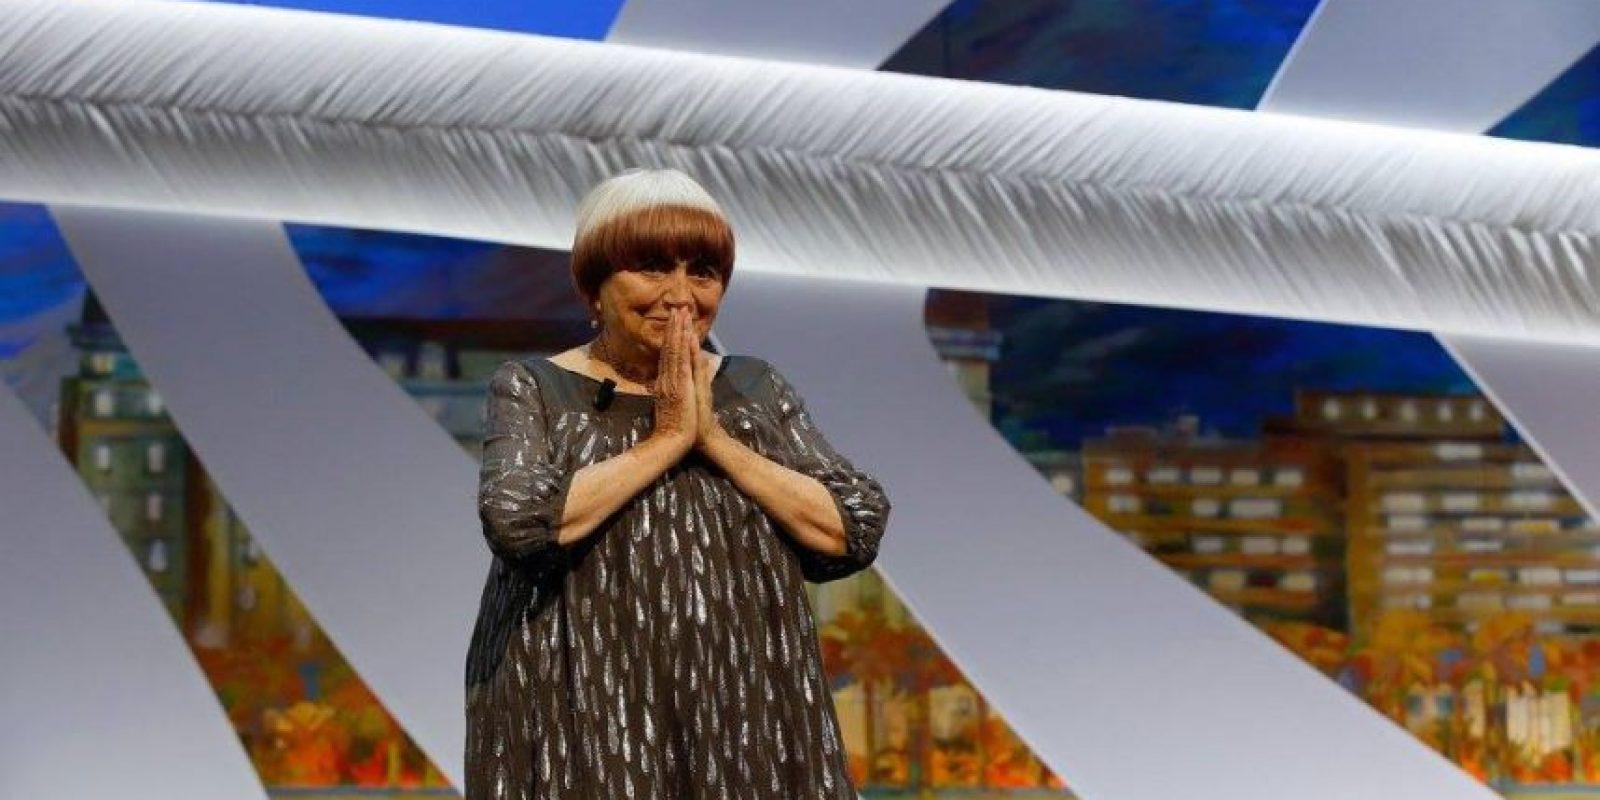 La veterana francesa, Agnes Varda, ganó la Palma de oro por su carrera. Foto:vía facebook.com/Festival-de-Cannes-Page-Officielle